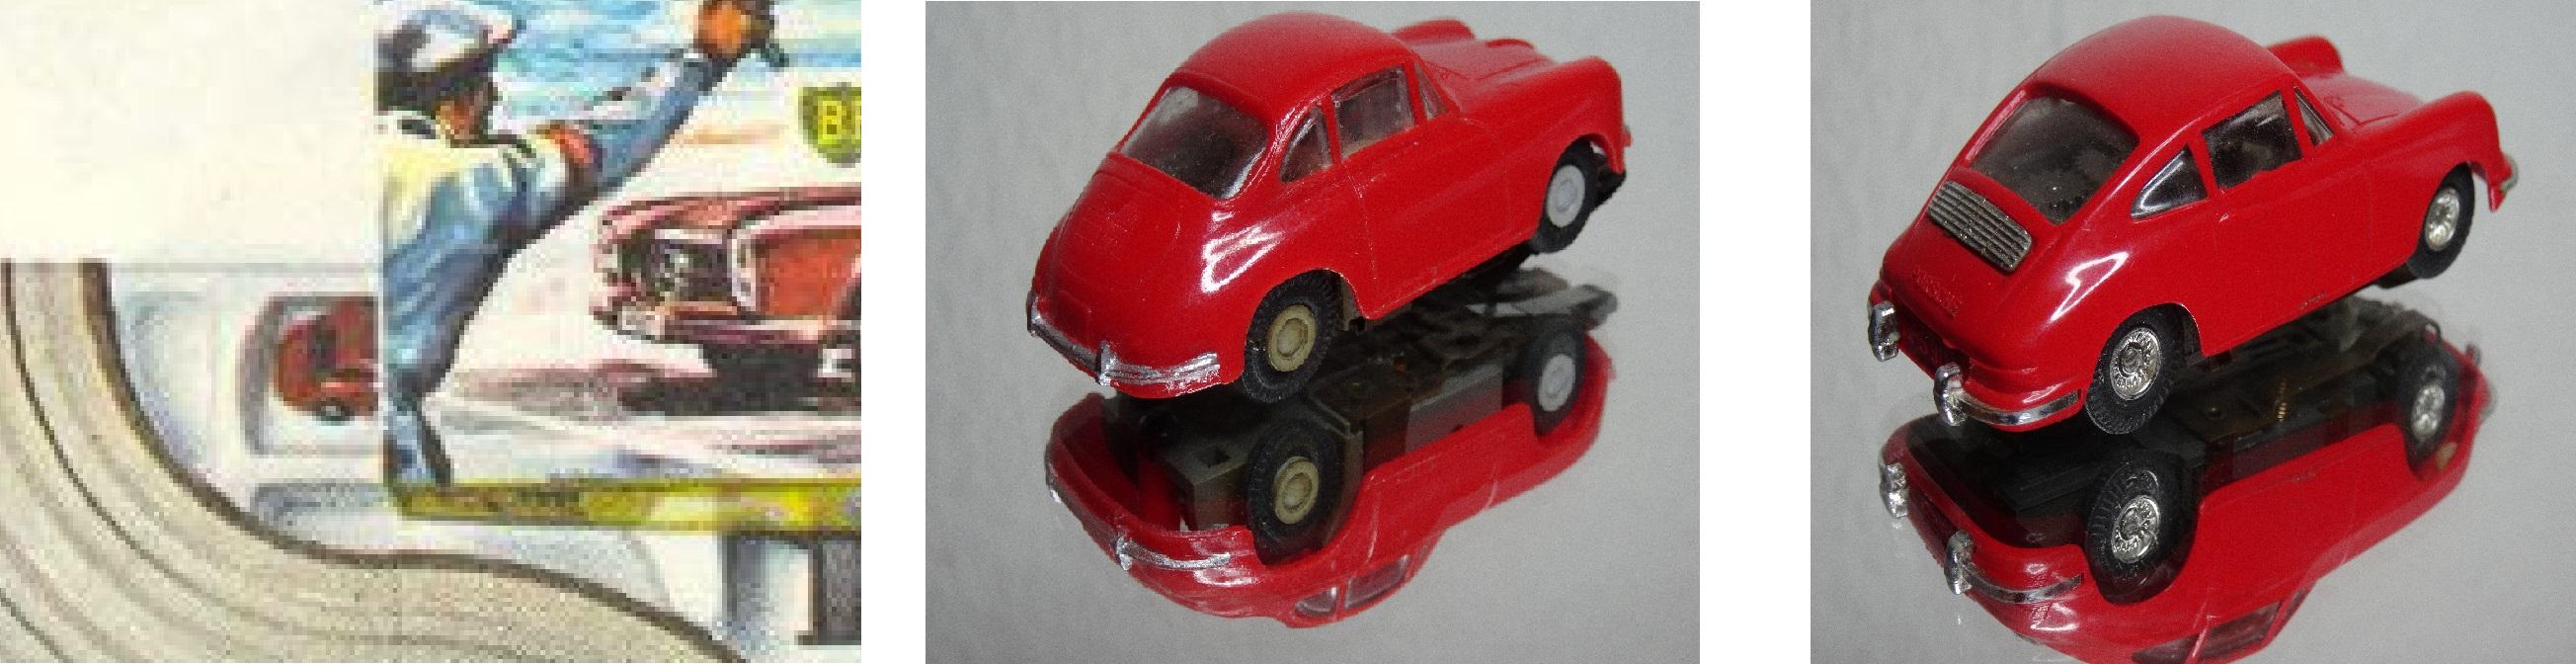 006-jahreskatalog-1965-1966-porsche-350-rot-vergleich